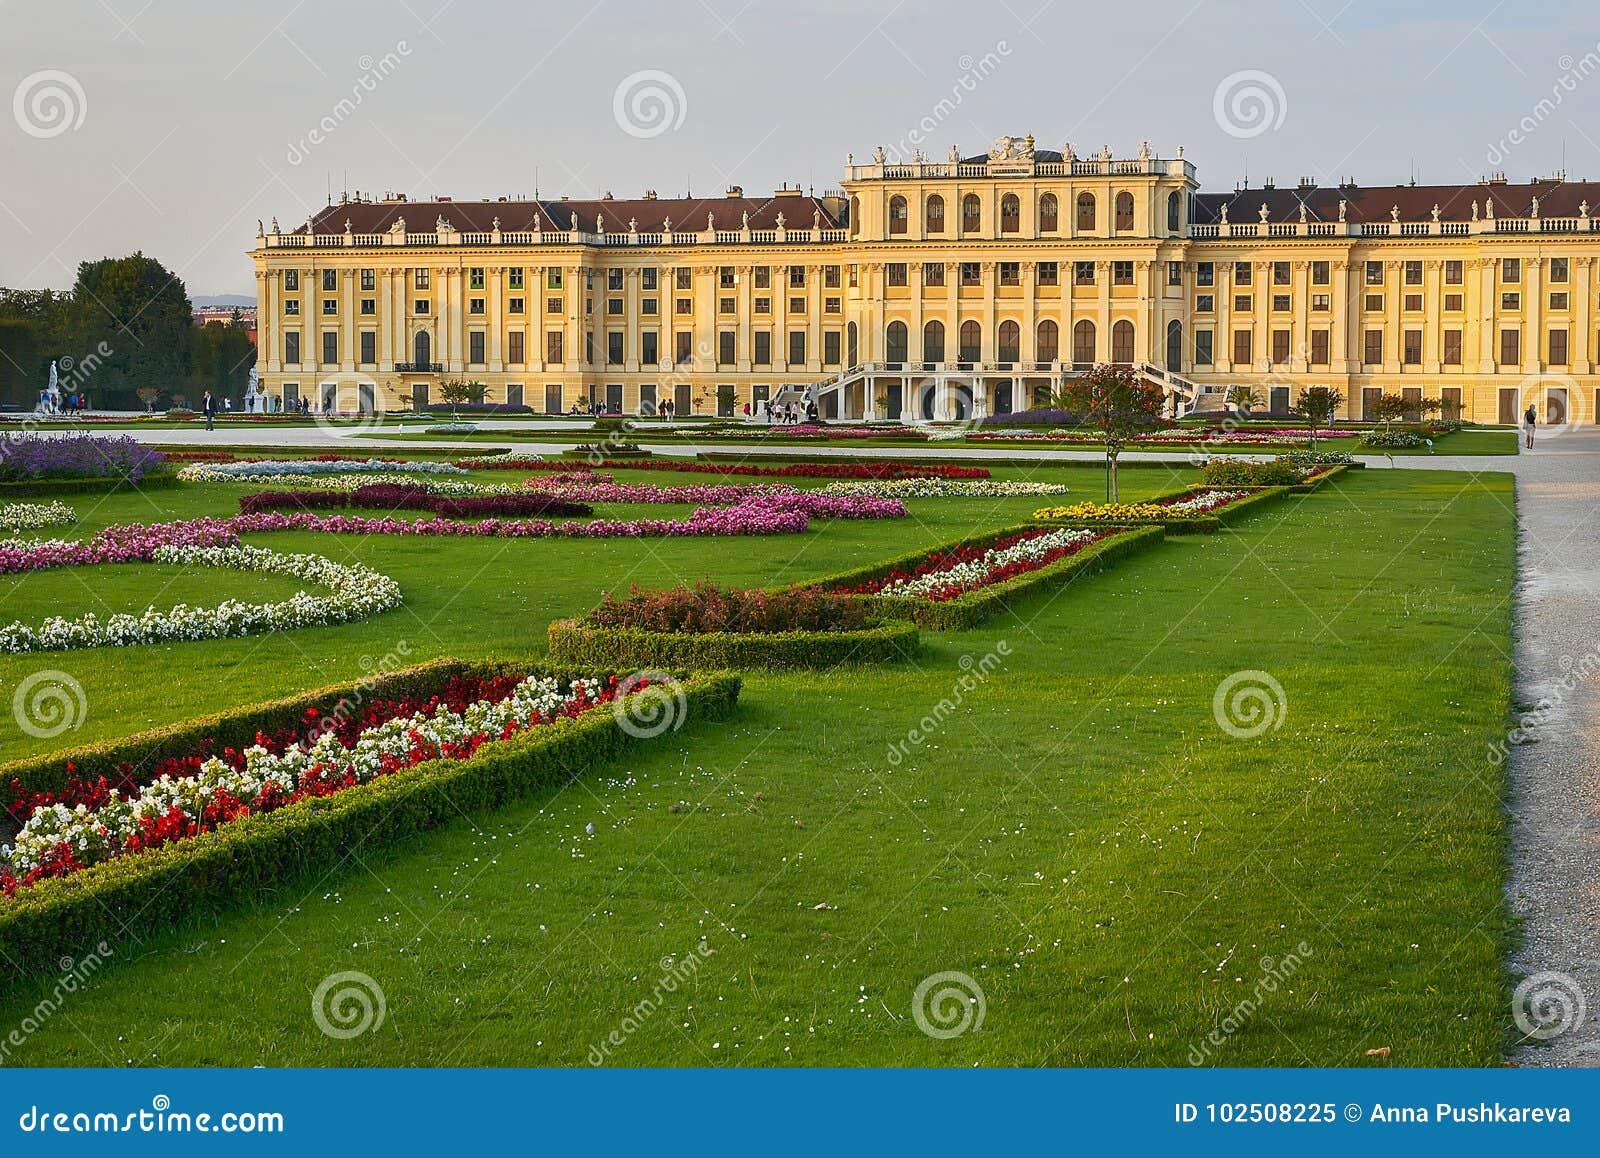 Wien, Österreich - 25. September 2013: Palast und Gärten Schonbrunn Das ehemalige Kaiserferienhaus Der Palast ist einer von Th